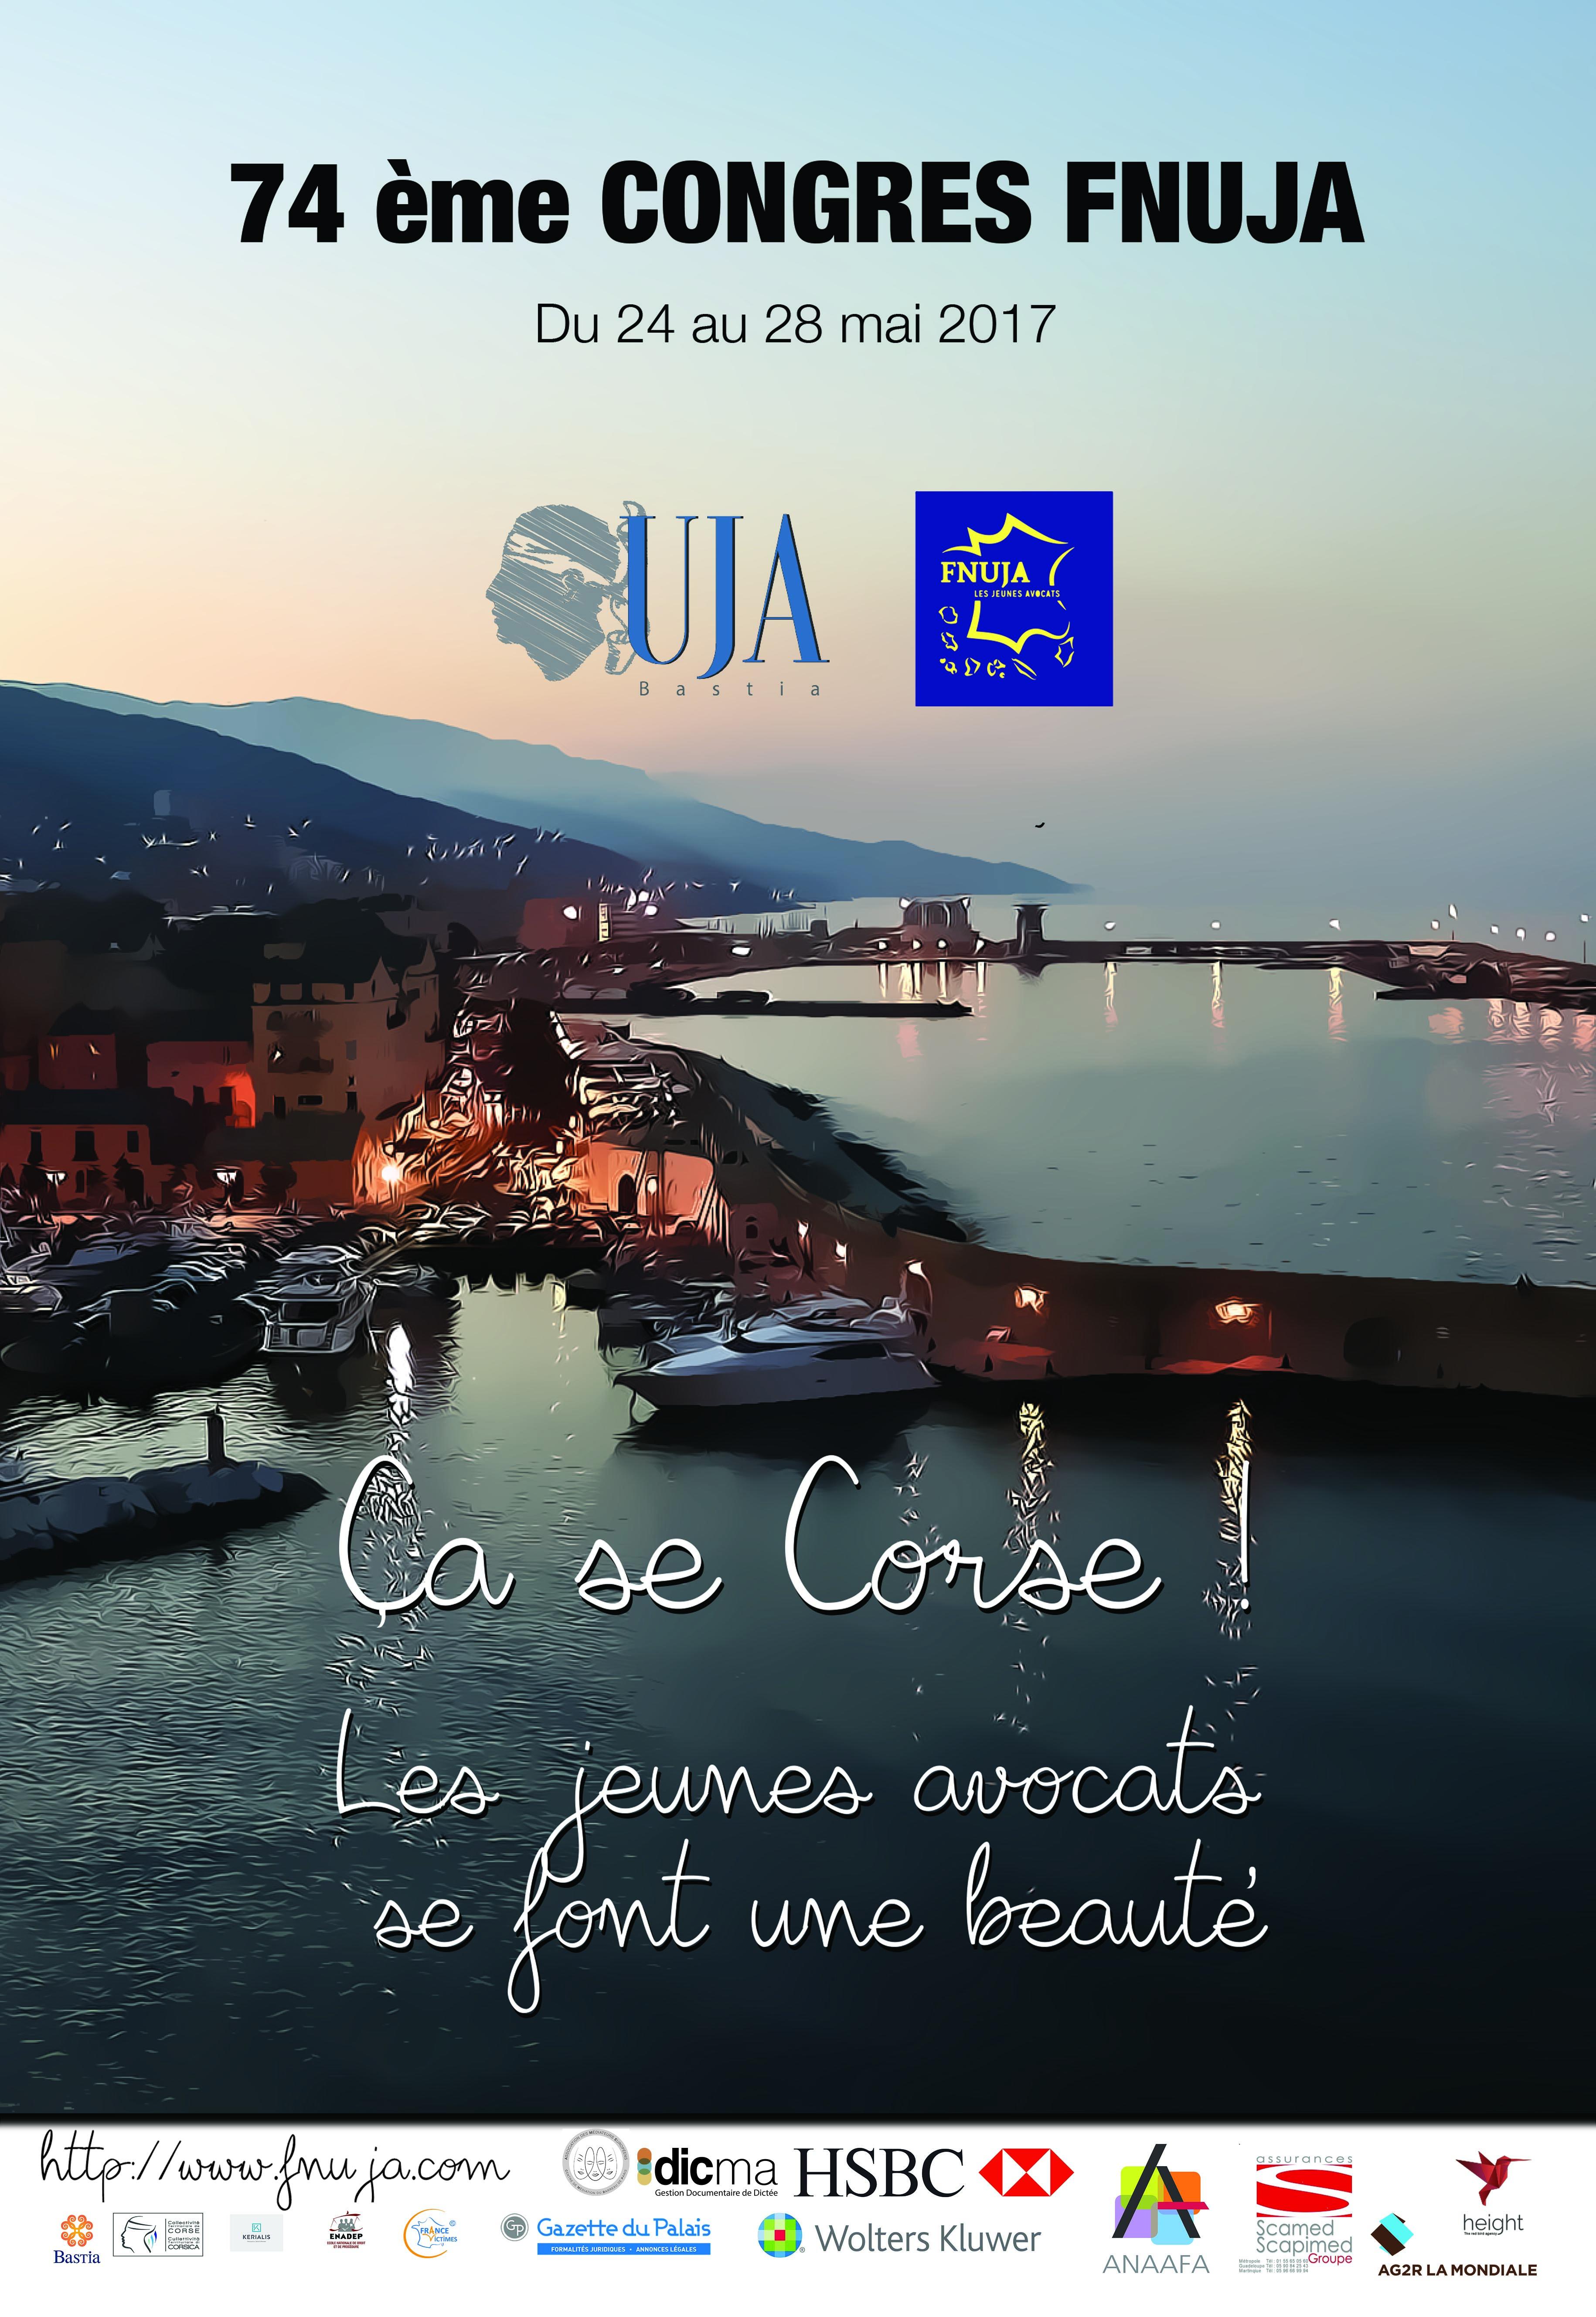 74eme Congrès de la FNUJA à Bastia du 24 au 28 mai 2017